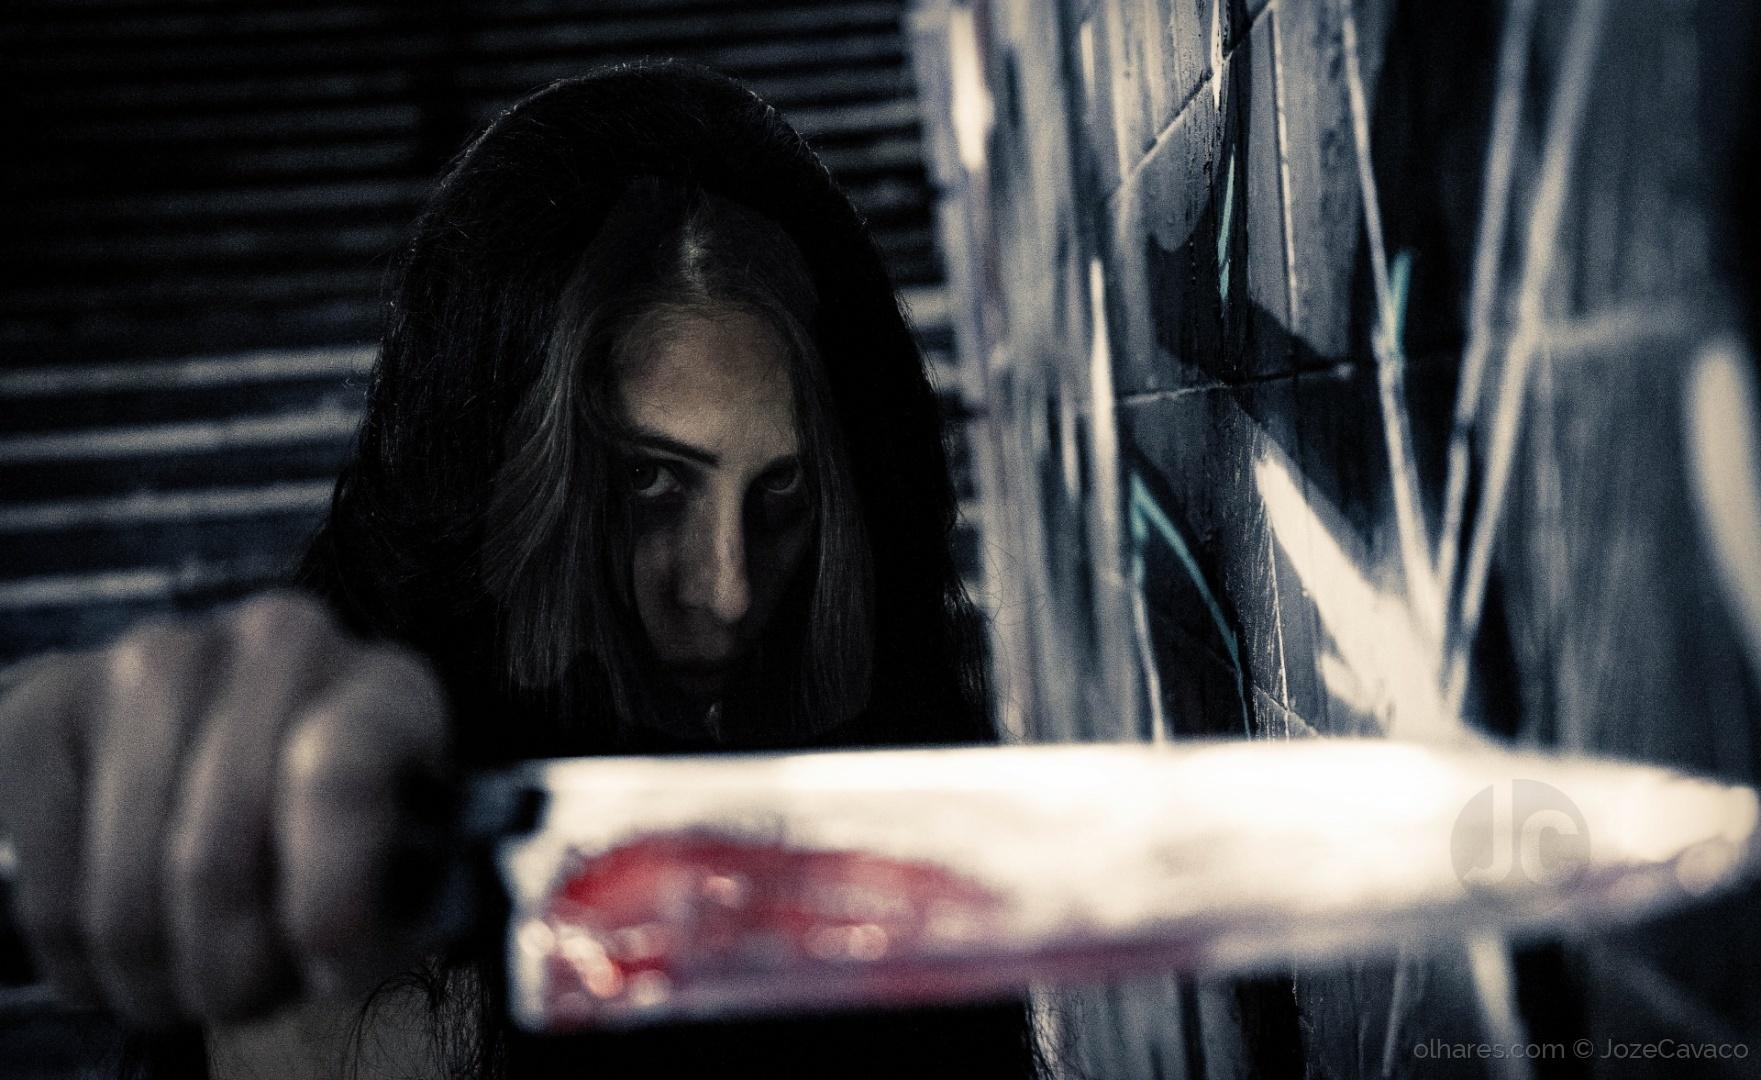 © JozeCavaco - killer